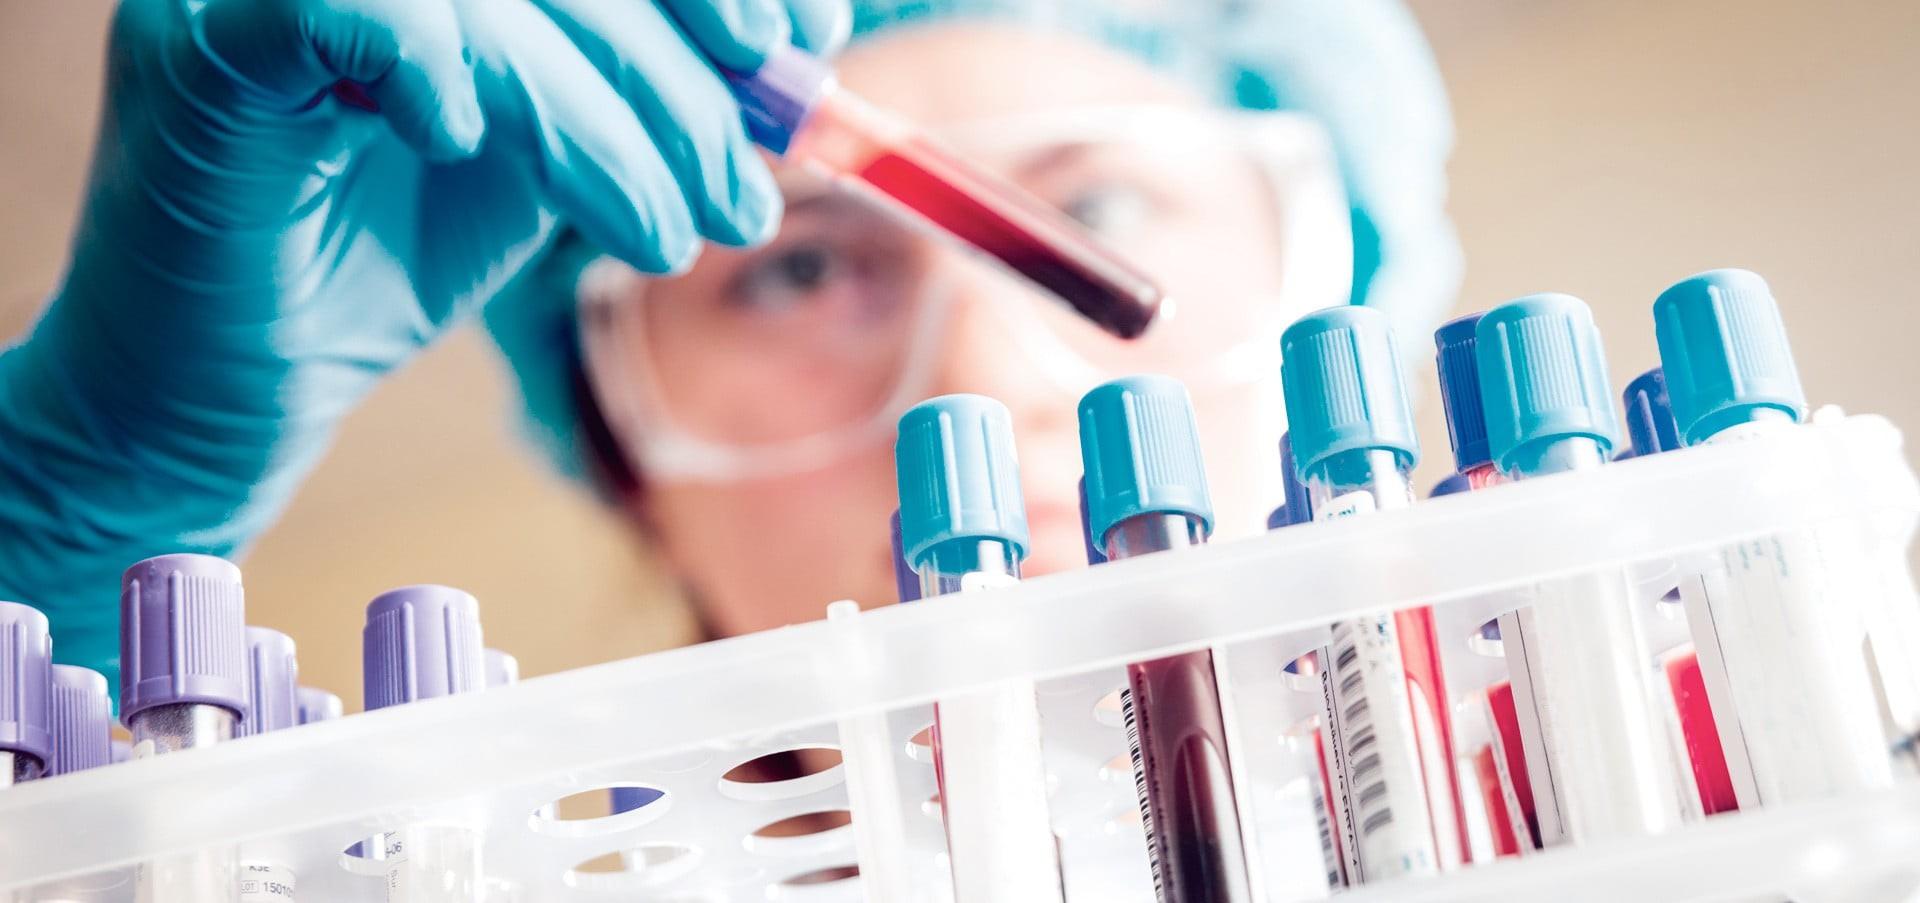 Biobsia líquida ADN libre circulante